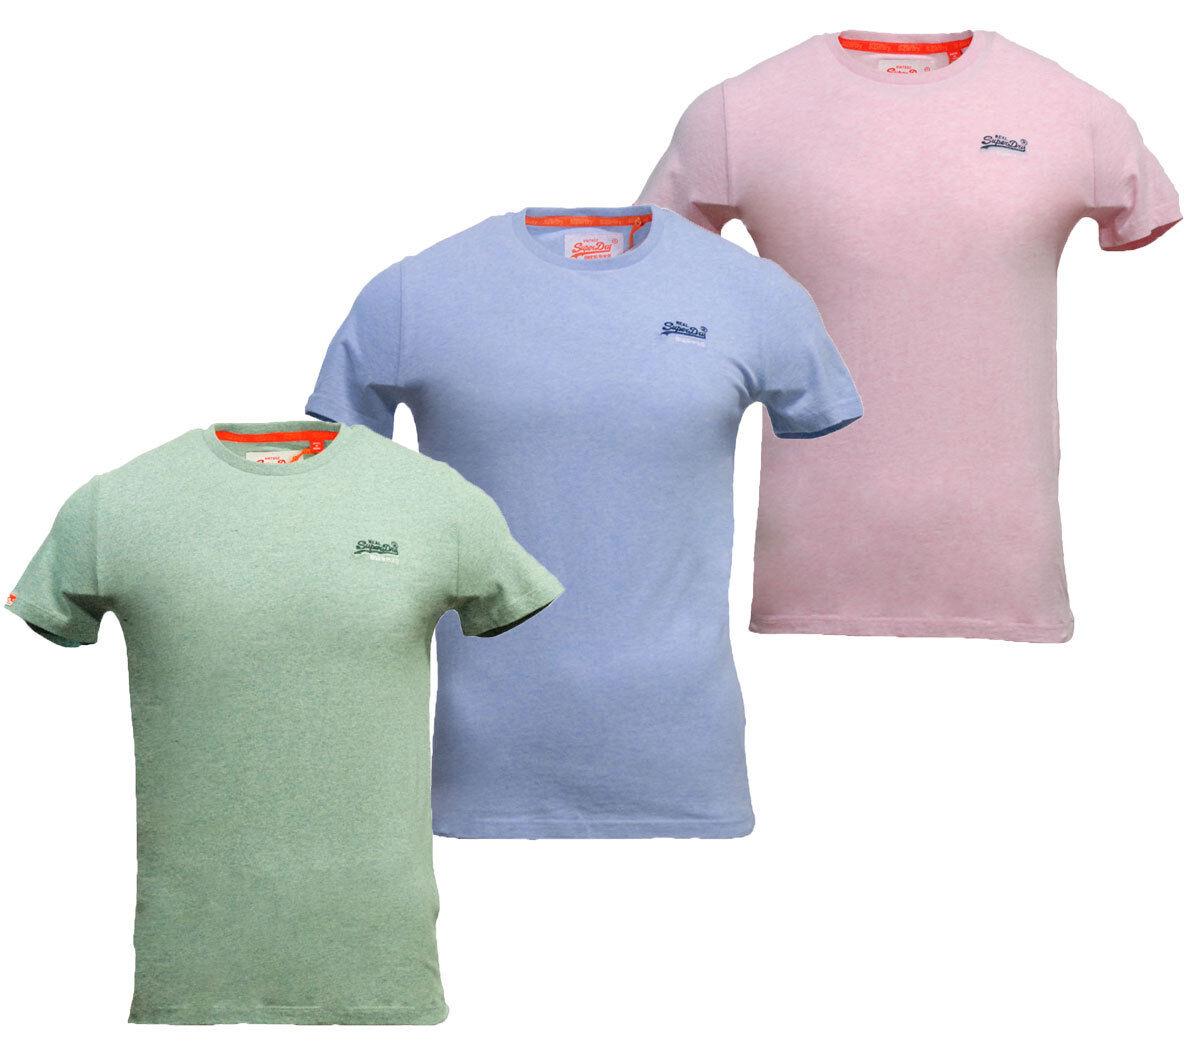 Détails sur Homme Superdry Orange Label Vintage EMB Crew Neck T Shirt bleu pastel vert rose afficher le titre d'origine